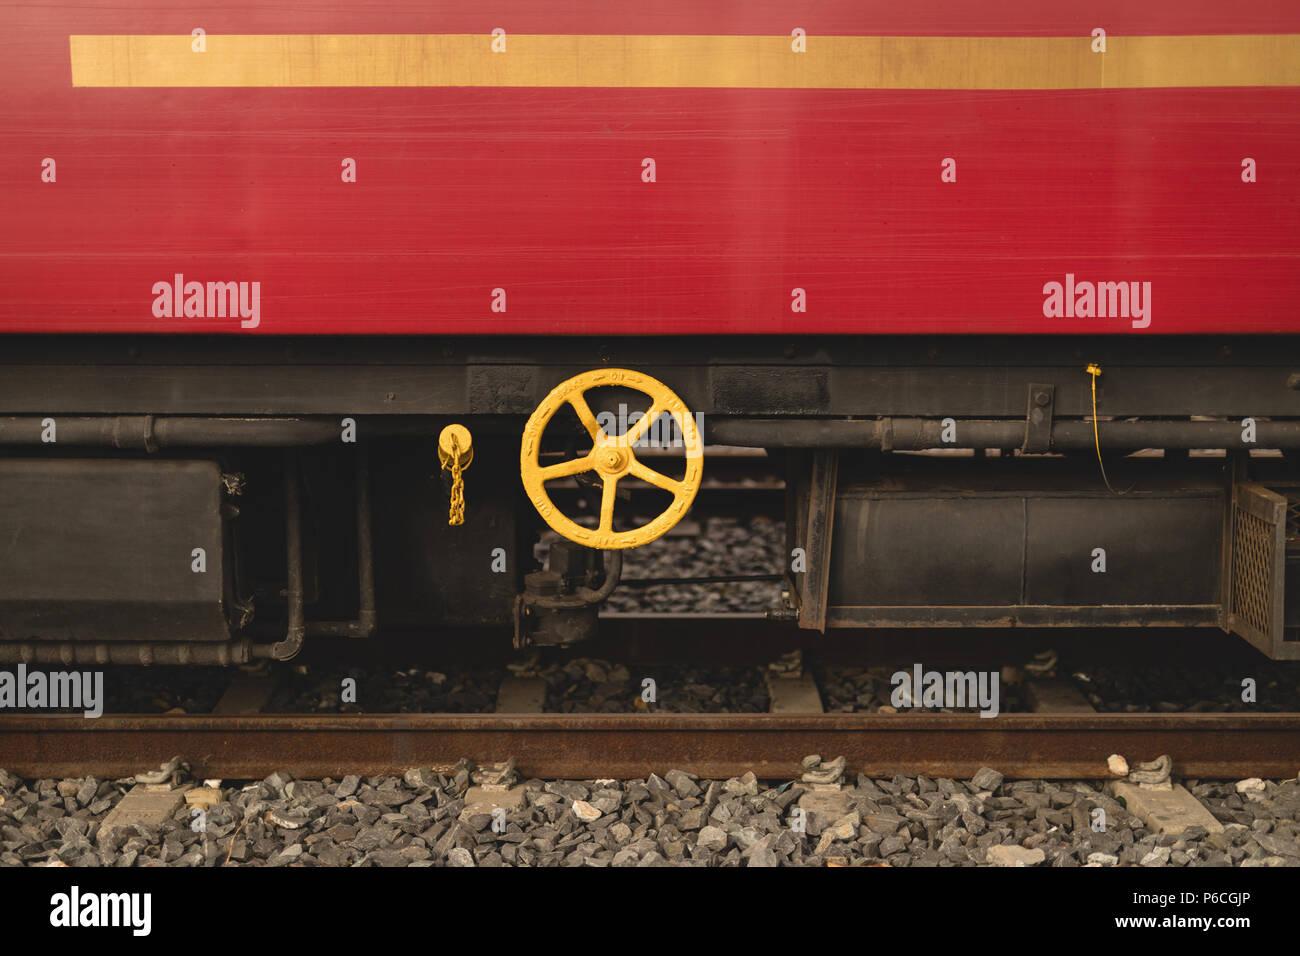 Sur la voie de chemin de fer Banque D'Images